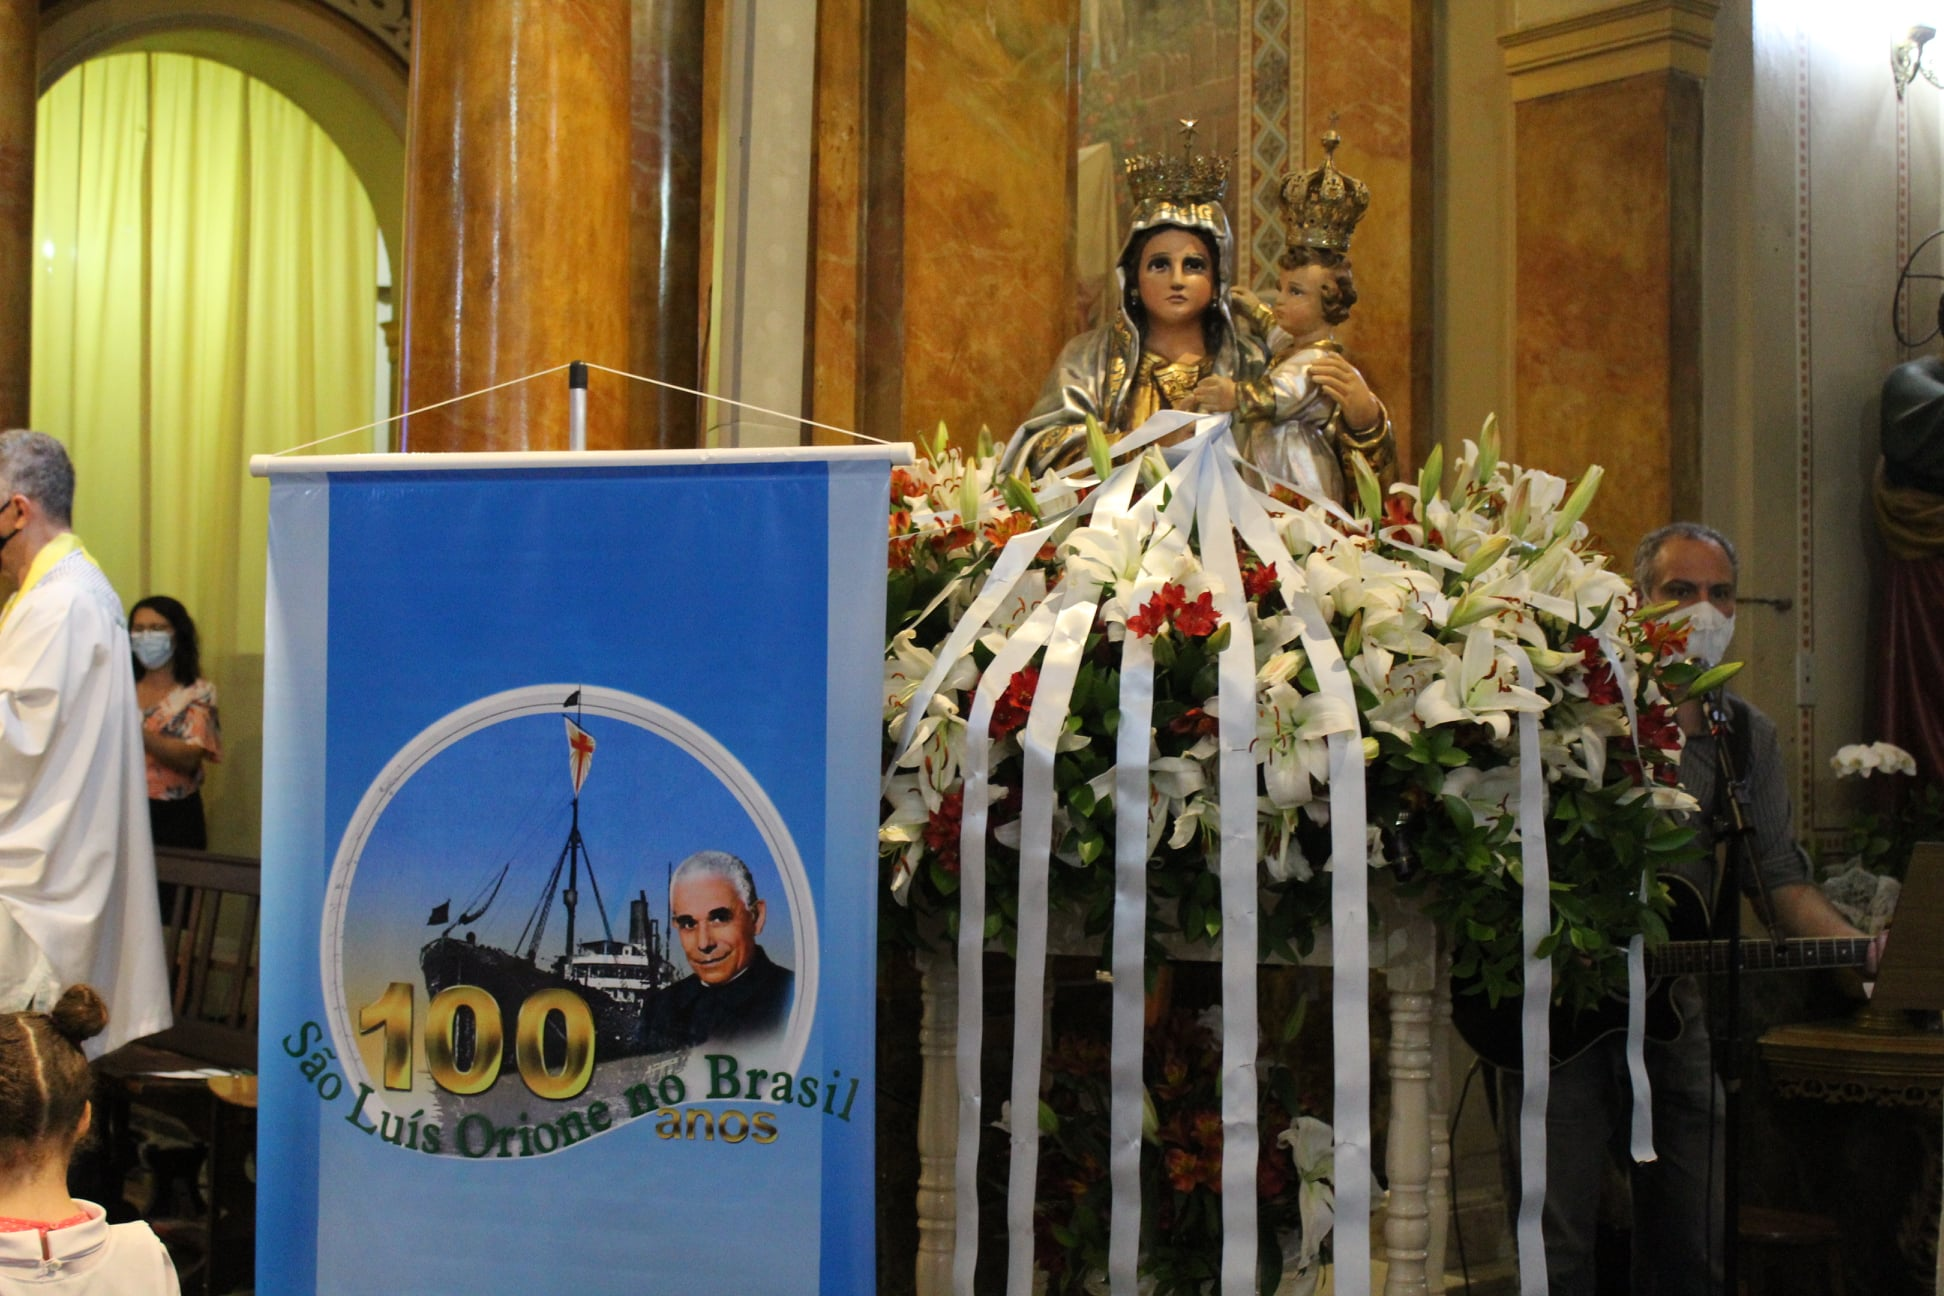 07-Centenario-chegada-de-SLO-ao-Brasil-19-ago-21-1